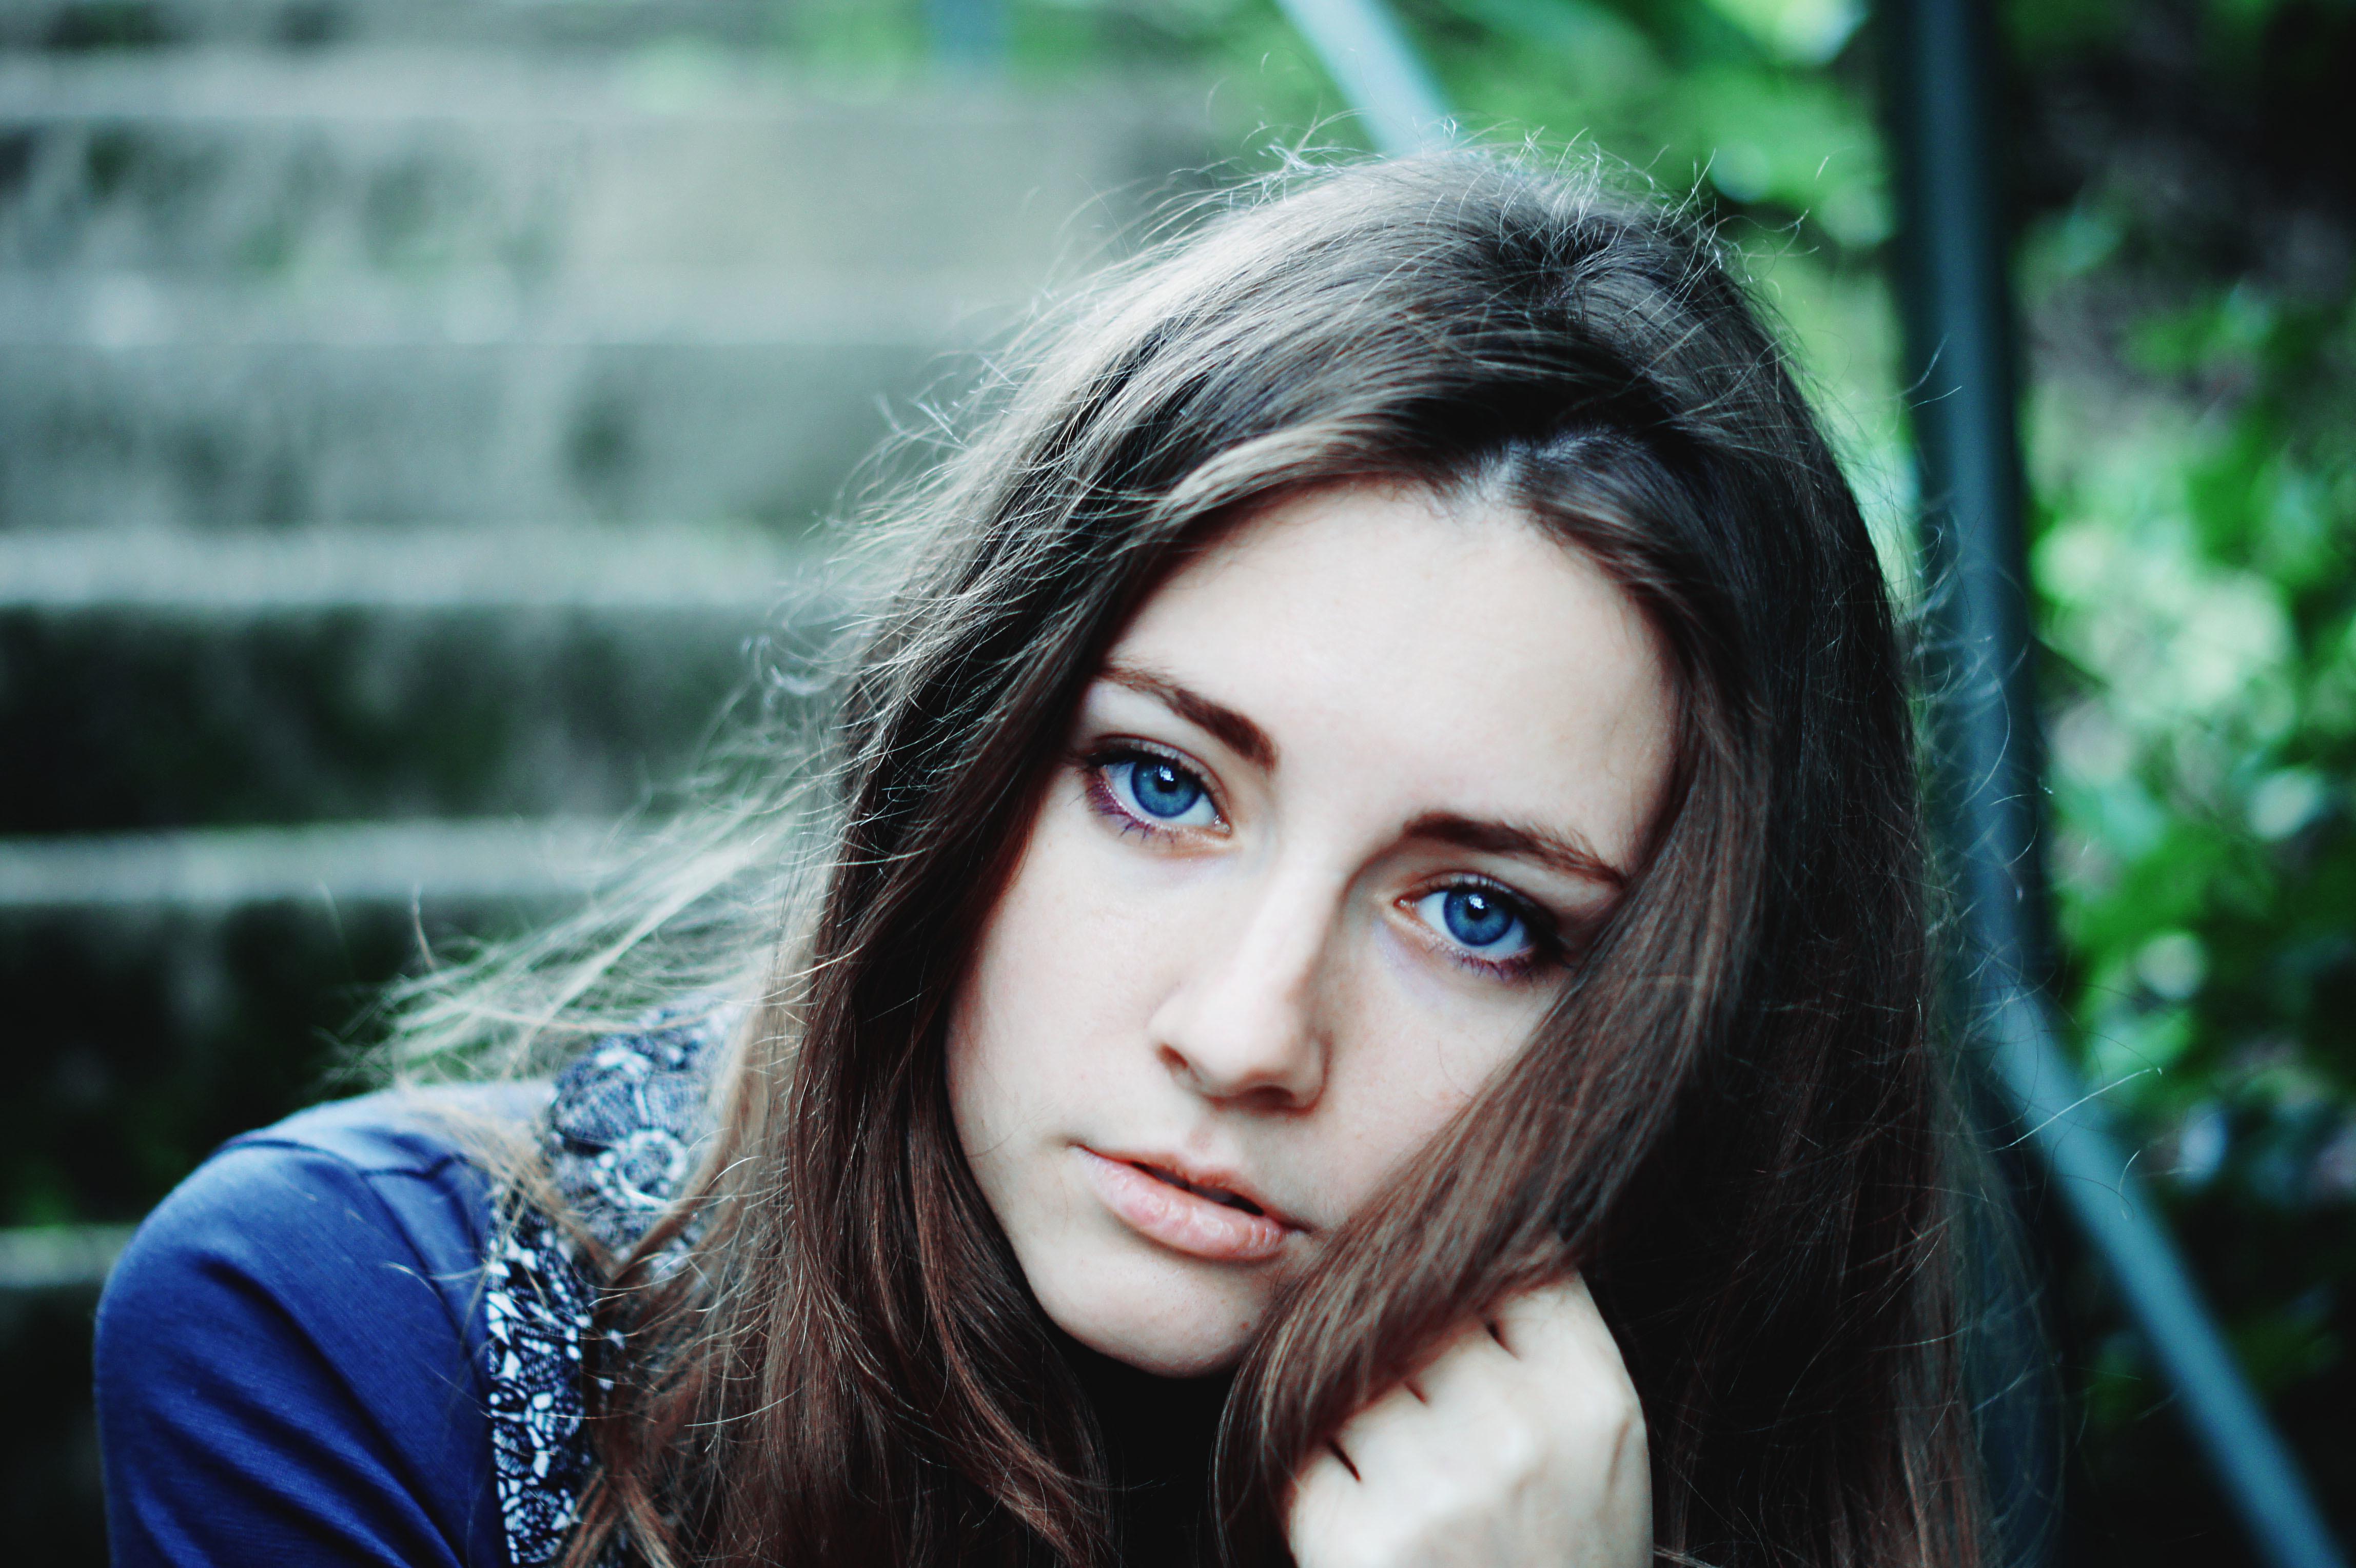 красивые девушки шатенки голубоглазые